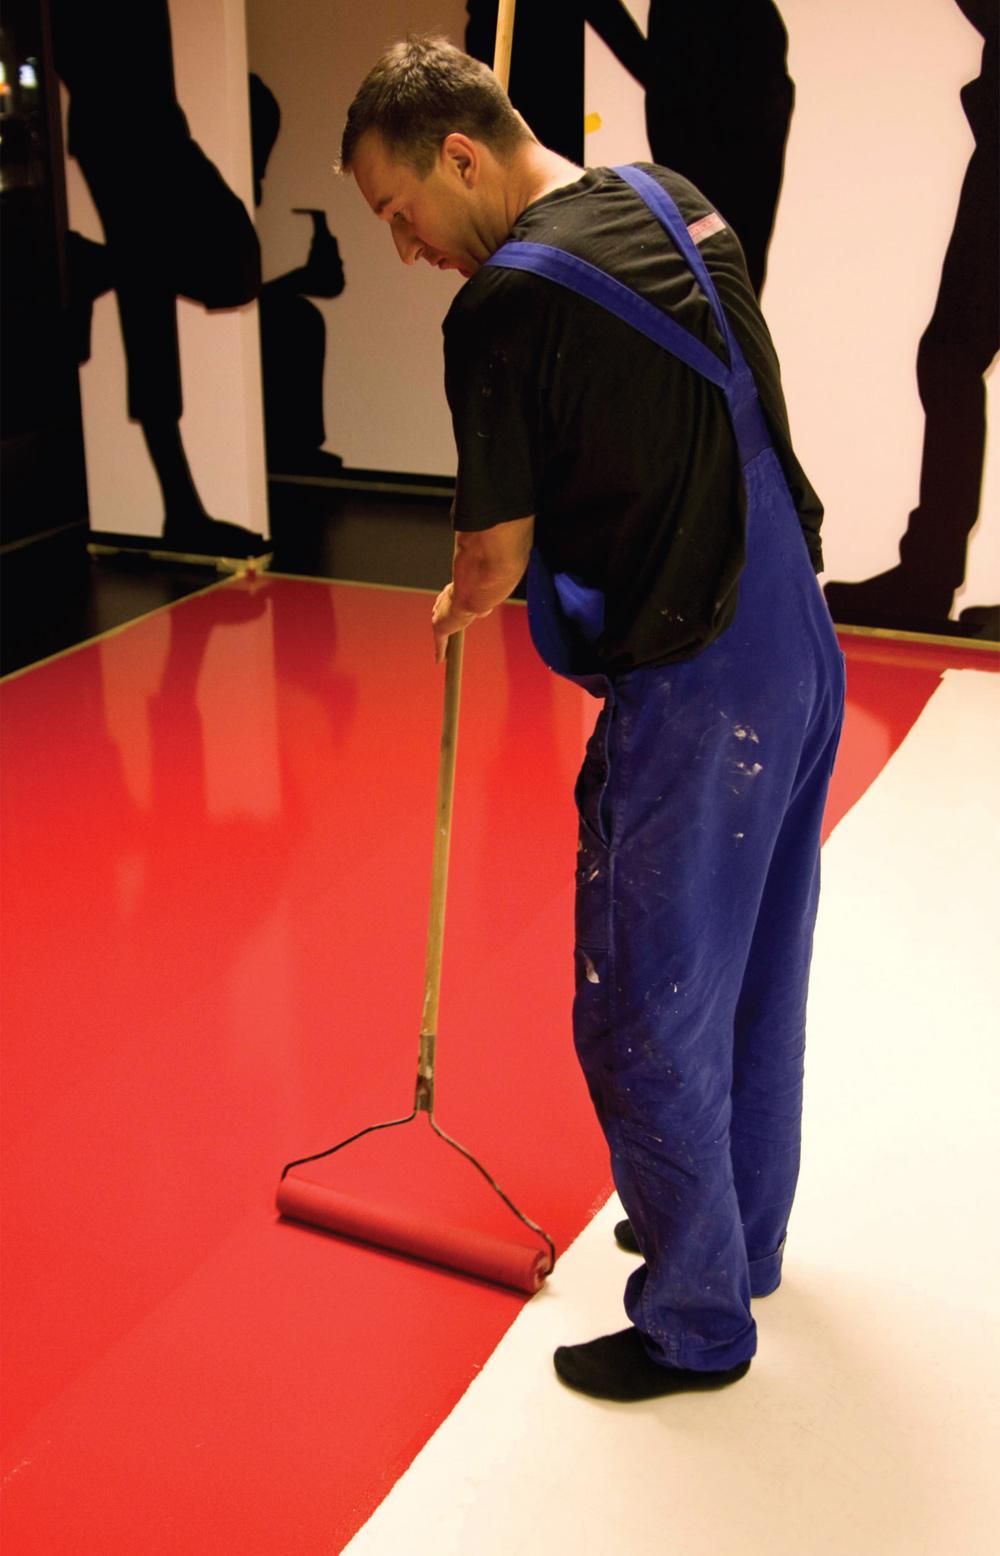 Najčešće se upotrebljavaju podovi na bazi epoksidne i poliuretanske smole